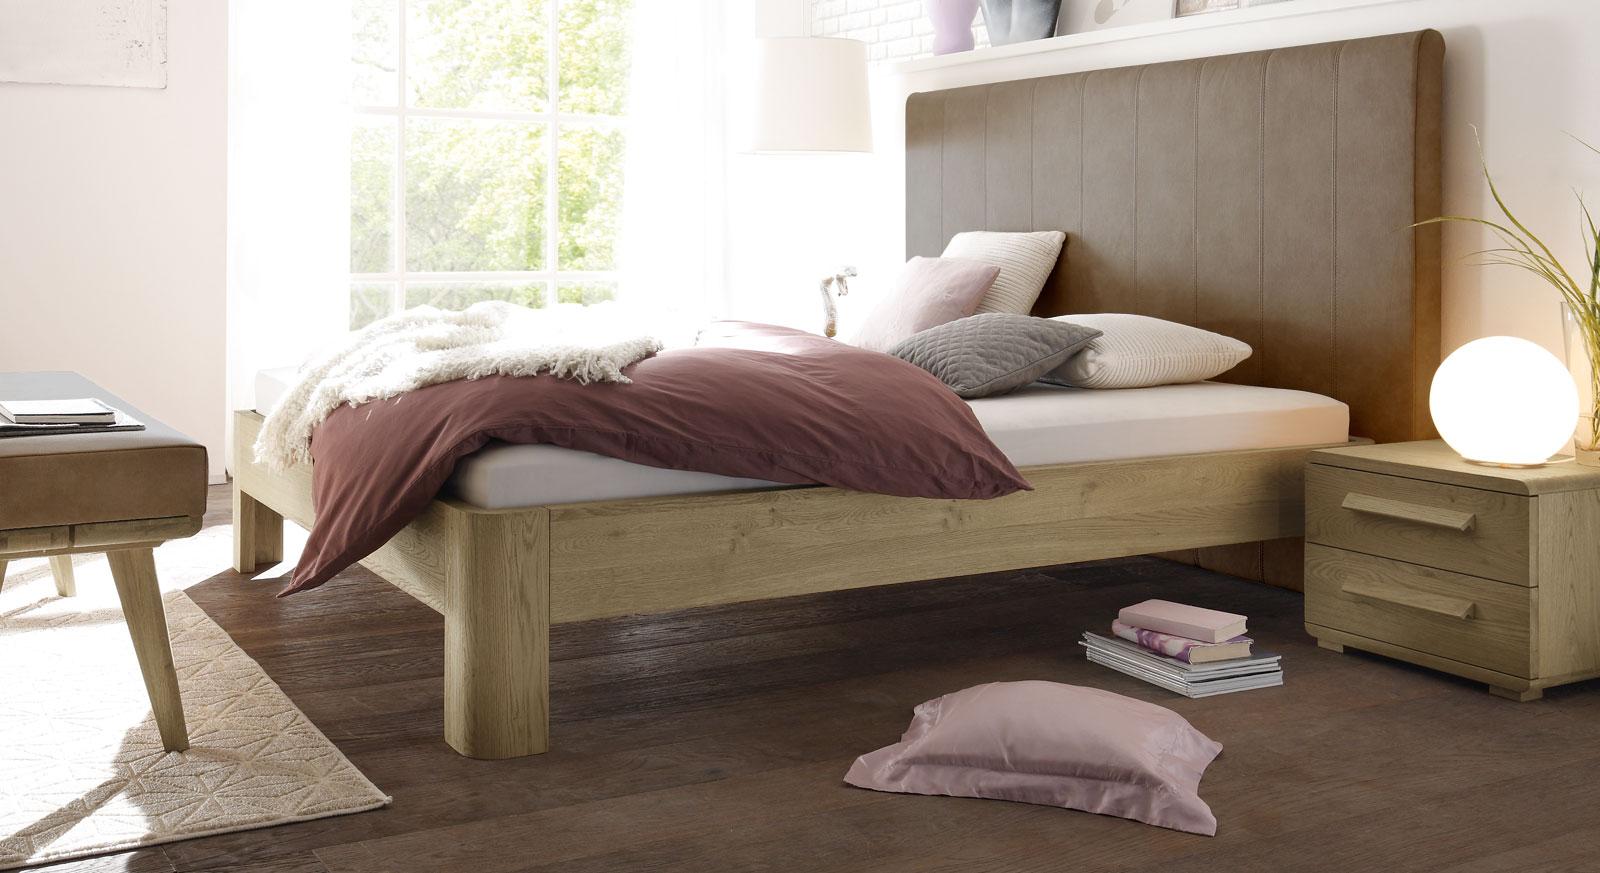 Bett Banco aus hellbraunem Kunstleder und Eiche